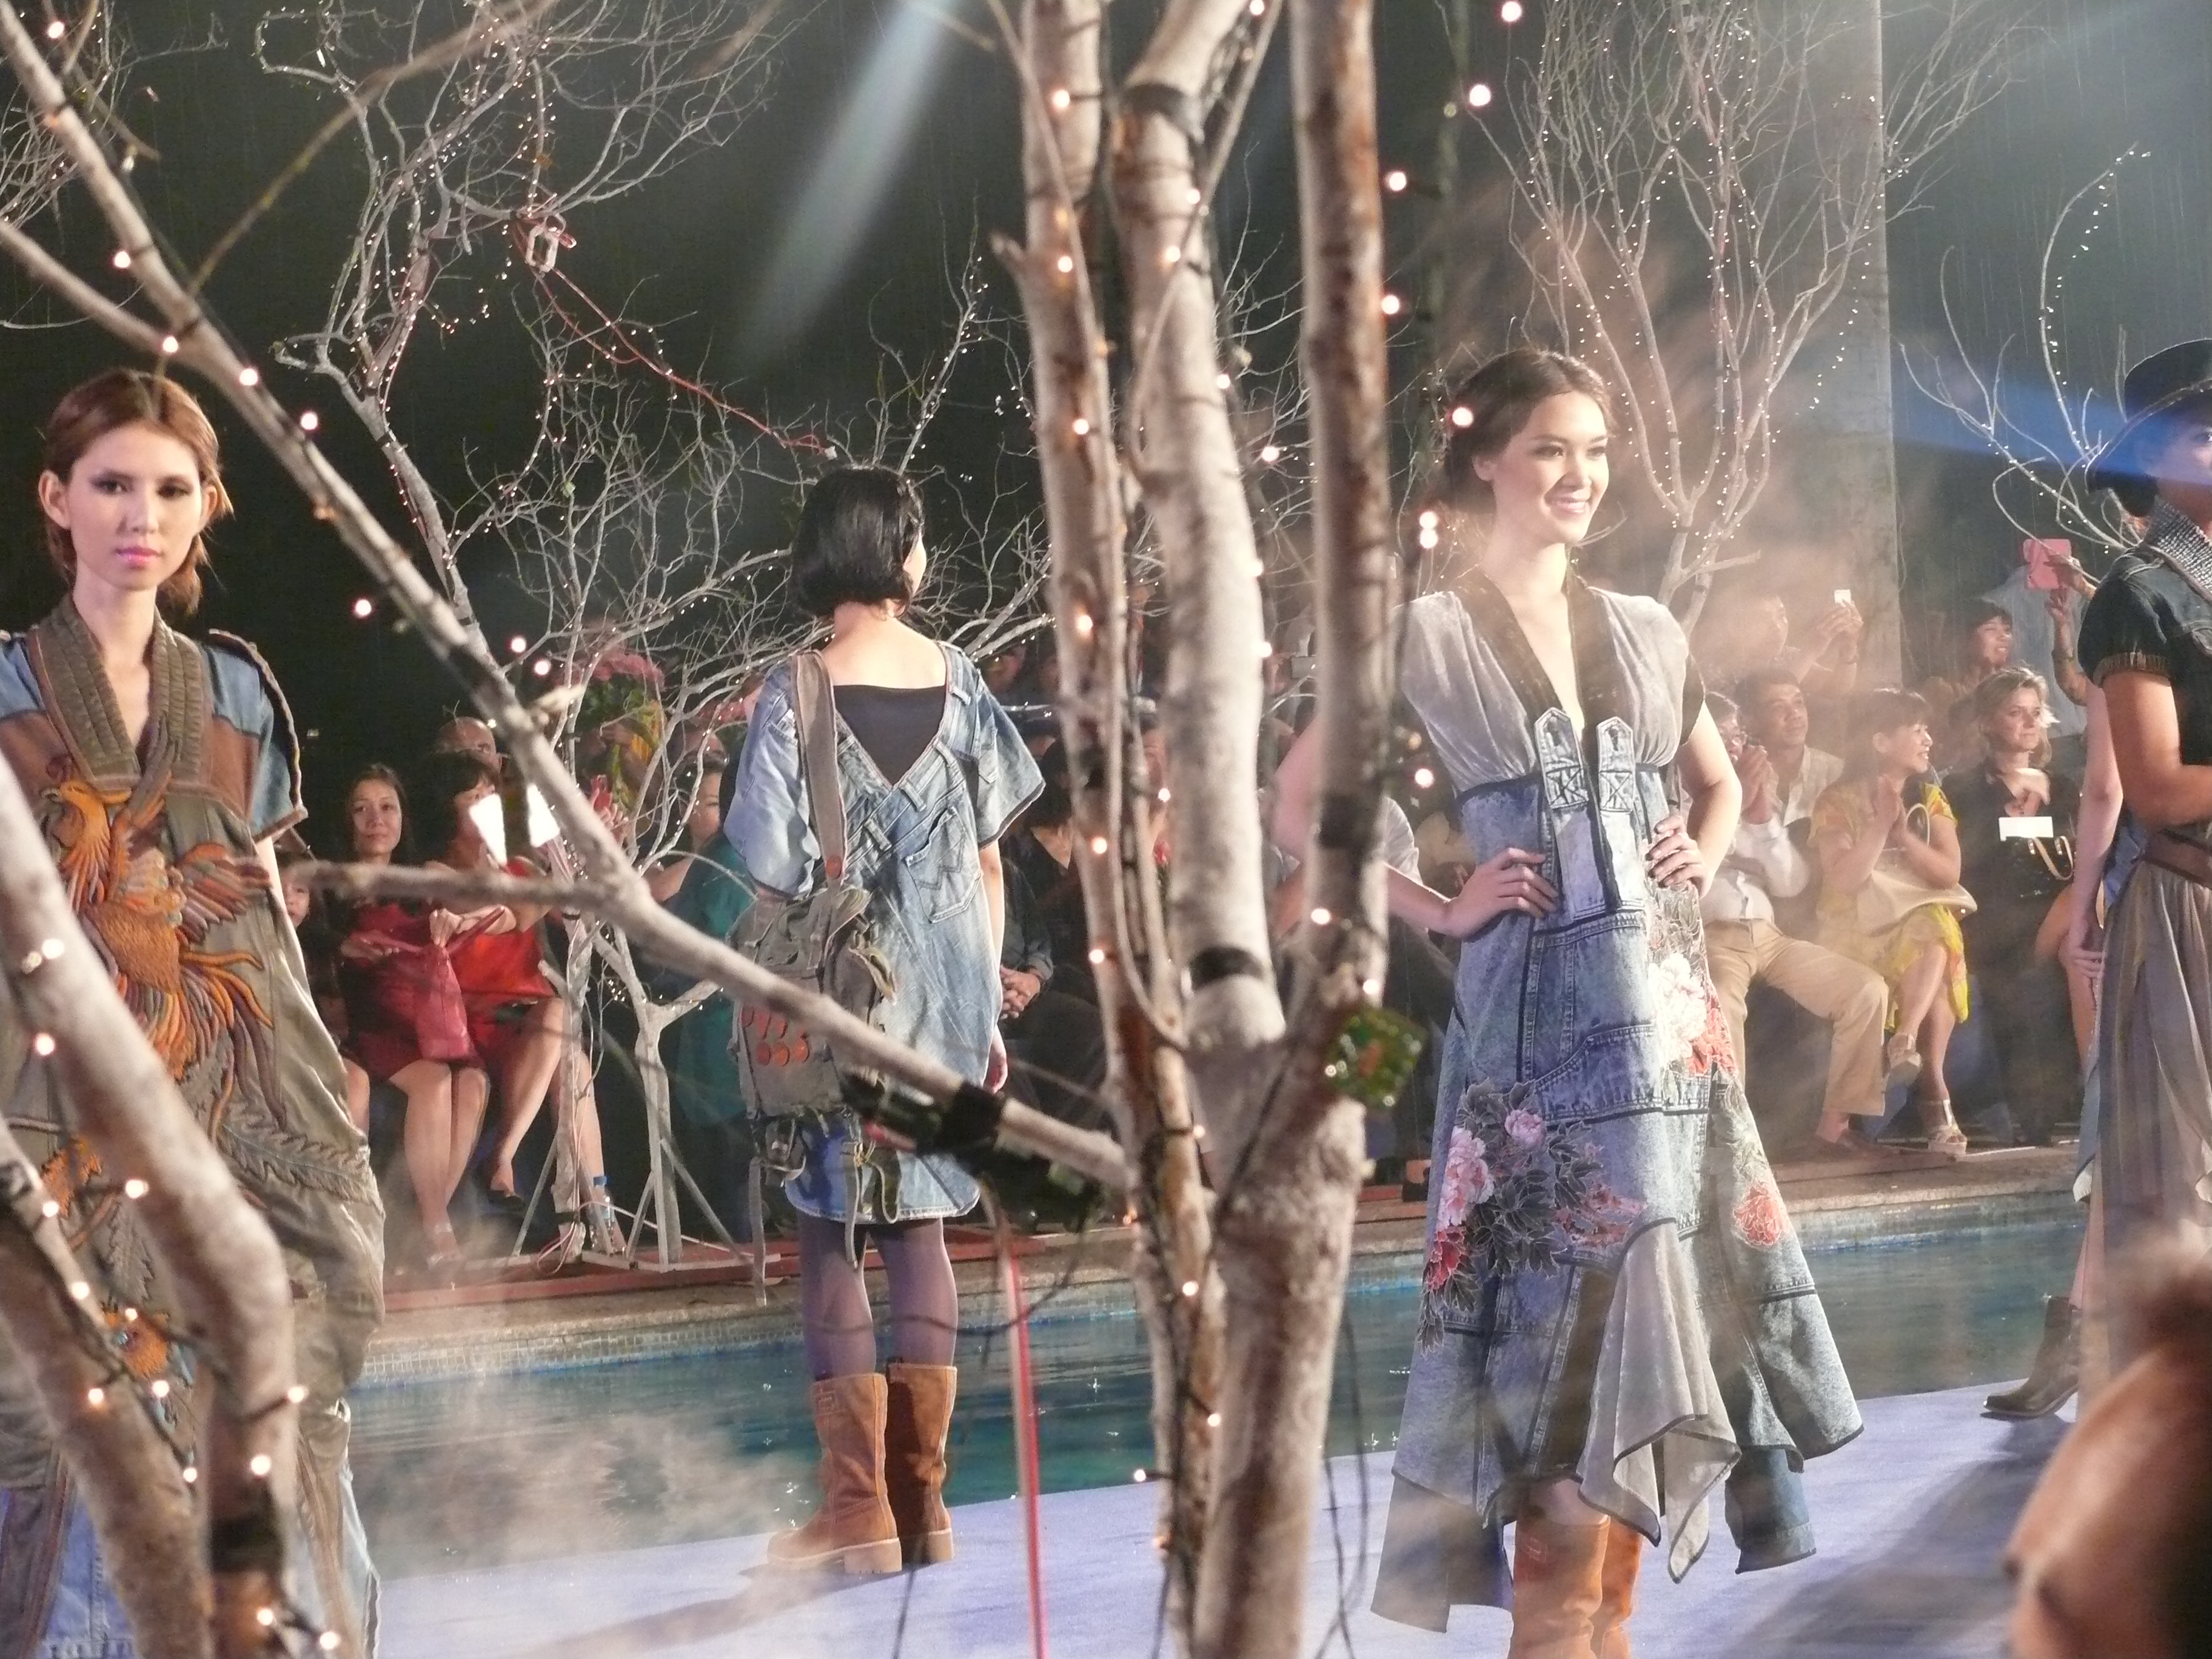 Tuần lễ thời trang Việt 2013: Quảng bá đại chúng kém?